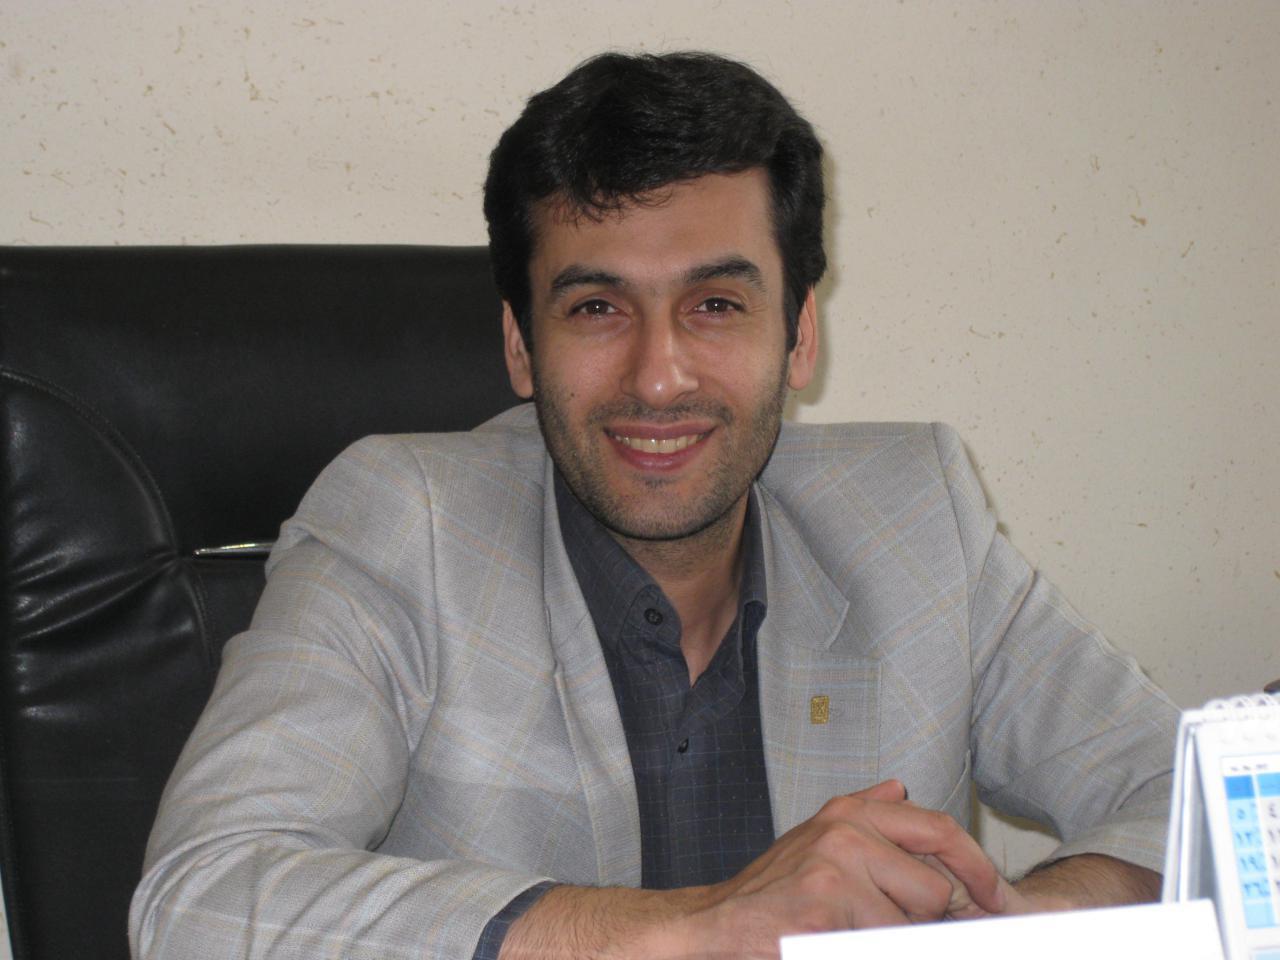 اختصاصی/تجلیل معاون وزیر فرهنگ و ارشاد اسلامی از رئیس سازمان فرهنگی شهرداری رشت